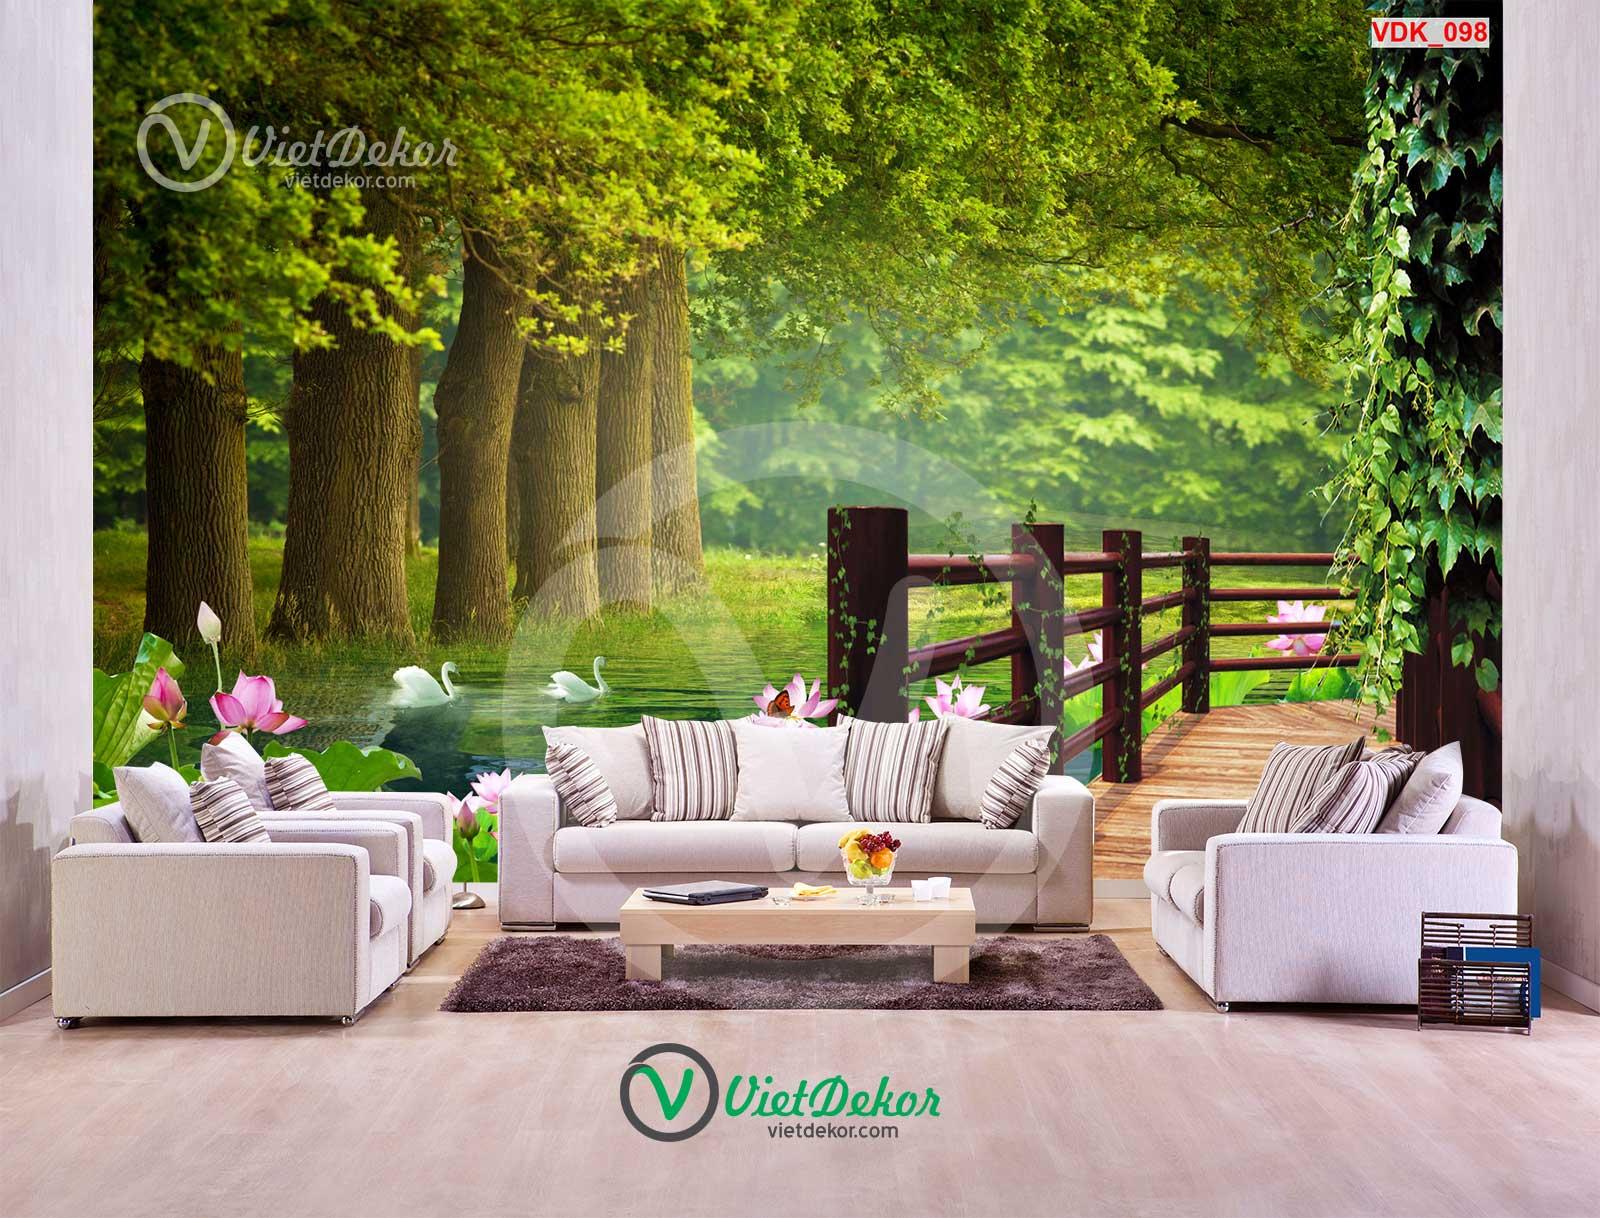 Tranh 3d phong cảnh cánh rừng thiên nhiên đẹp